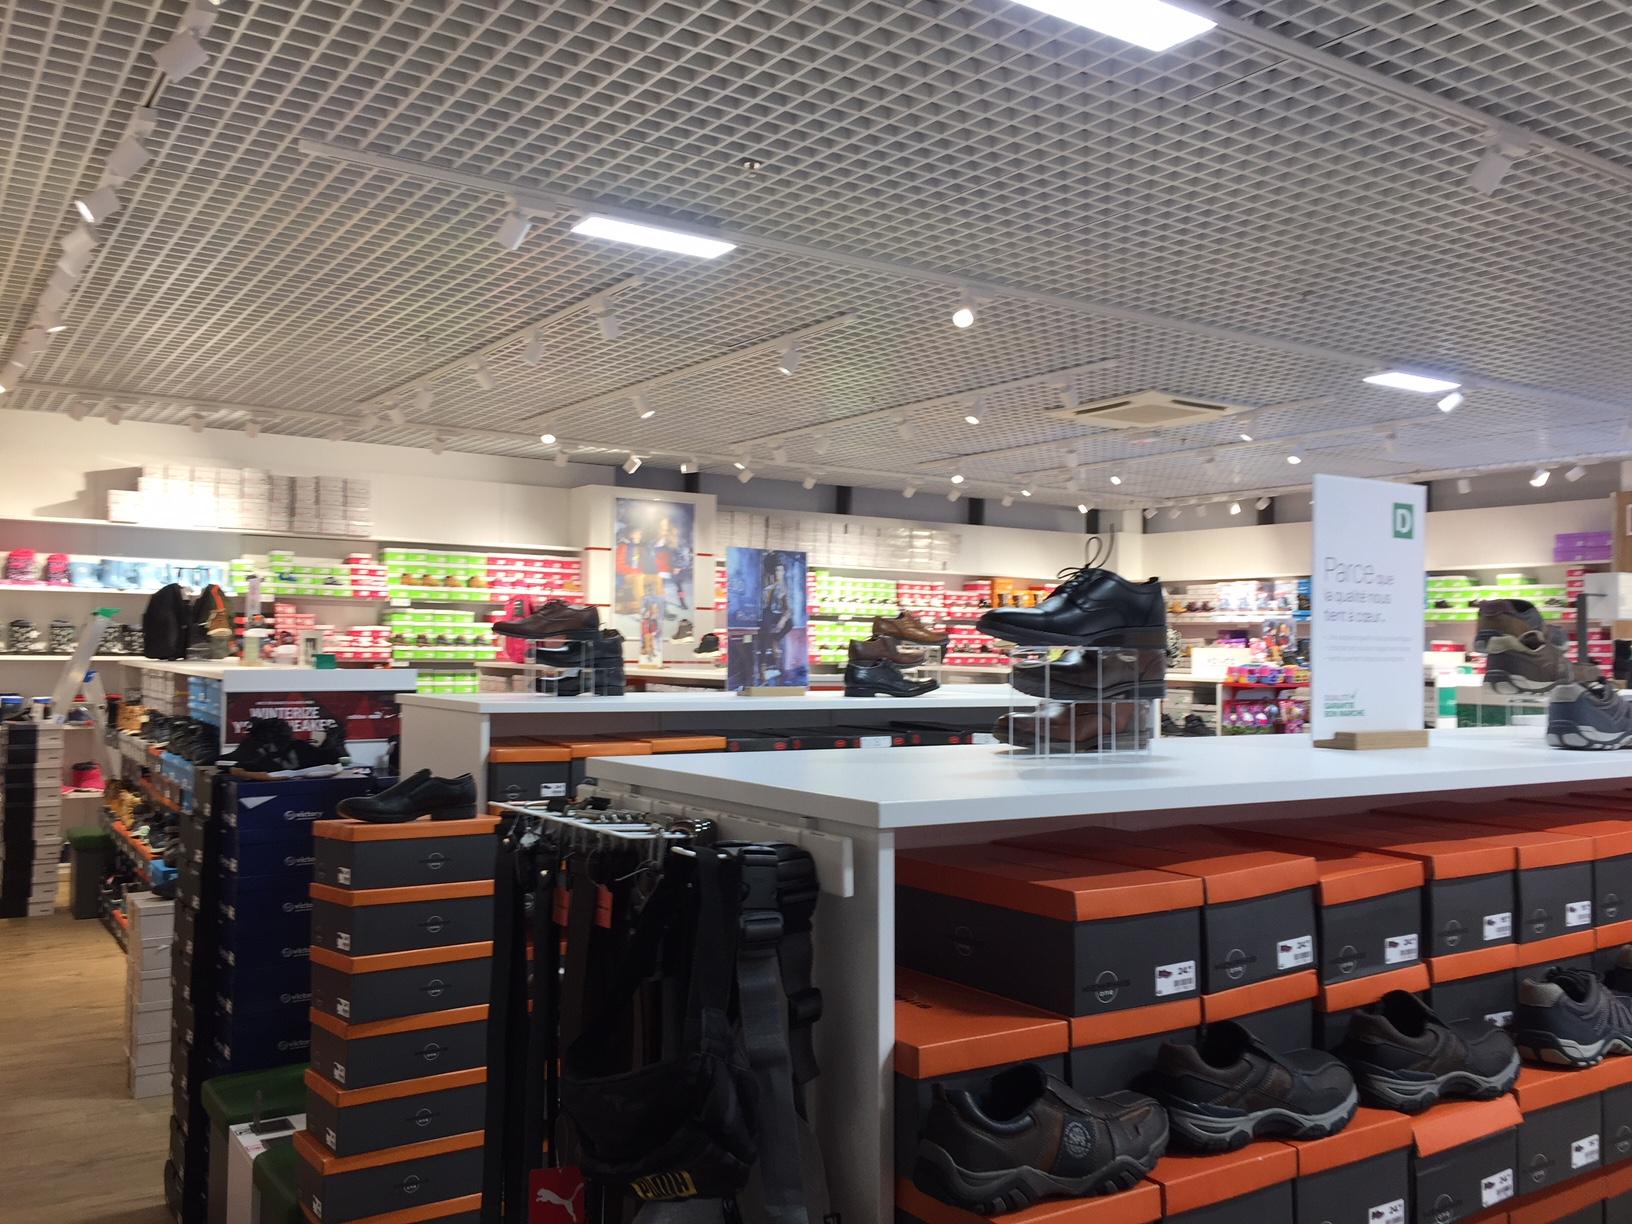 Rénovation et éclairage électrique du magasin Deichmann à Evreux dans le département de l'Eure.